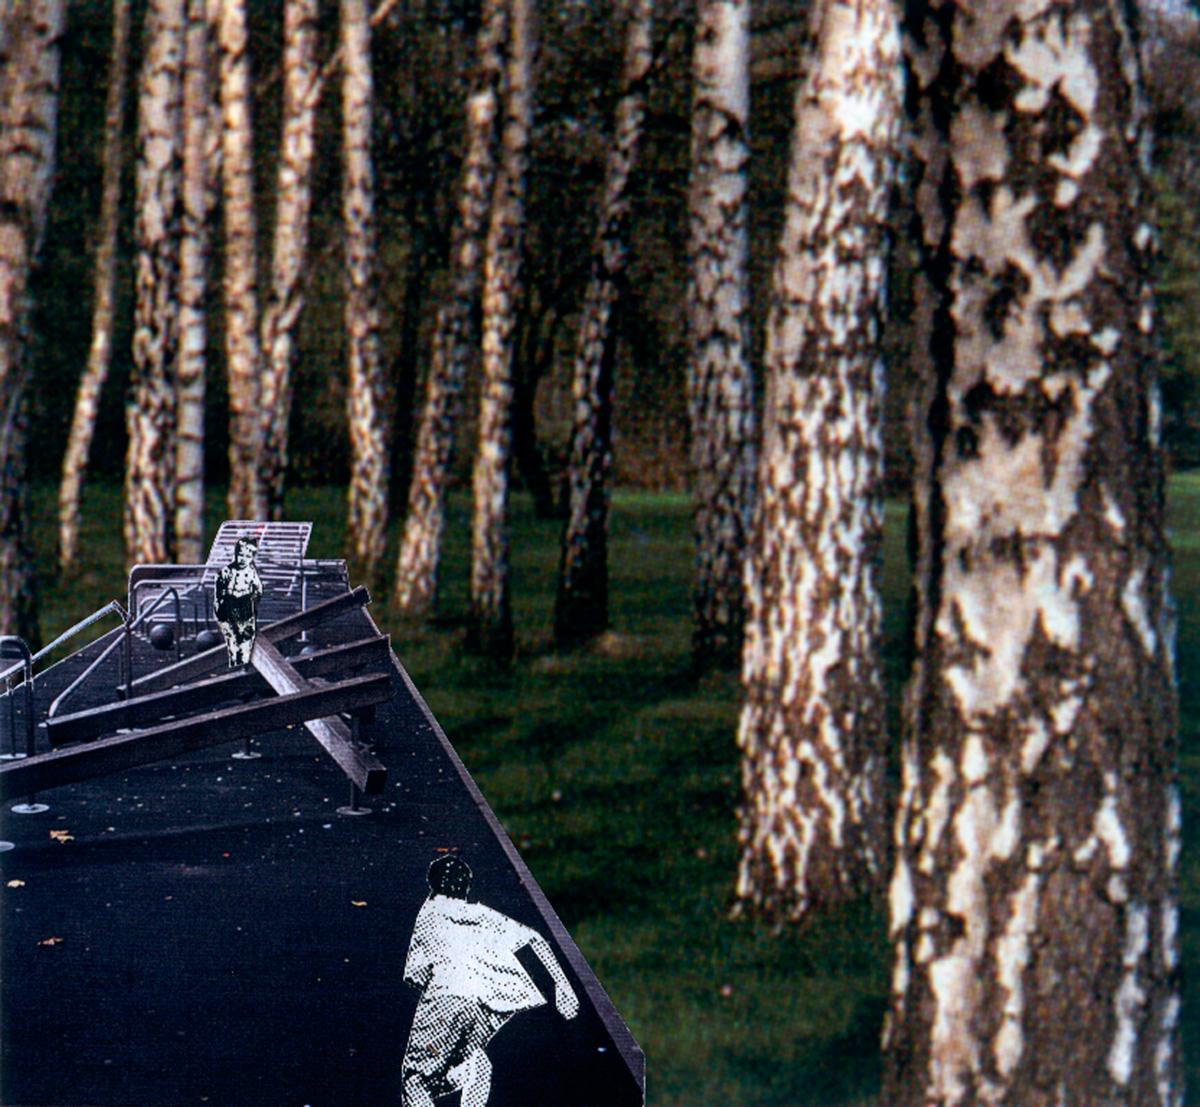 Diekman-landschapsarchitecten_-Floriande-eiland-10_collage-speelstrook